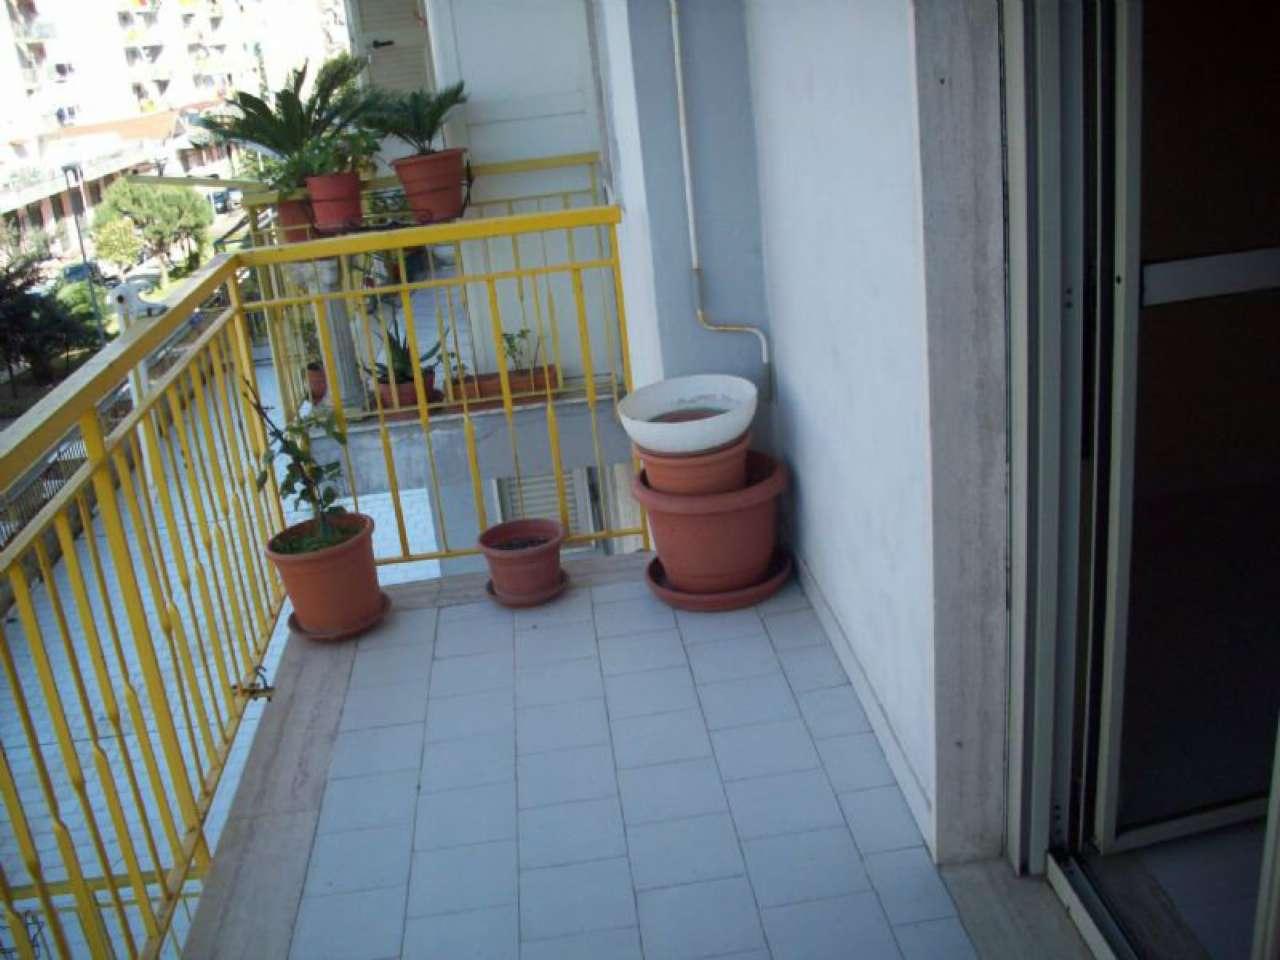 Appartamento in vendita a Giugliano in Campania, 3 locali, prezzo € 77.000 | CambioCasa.it